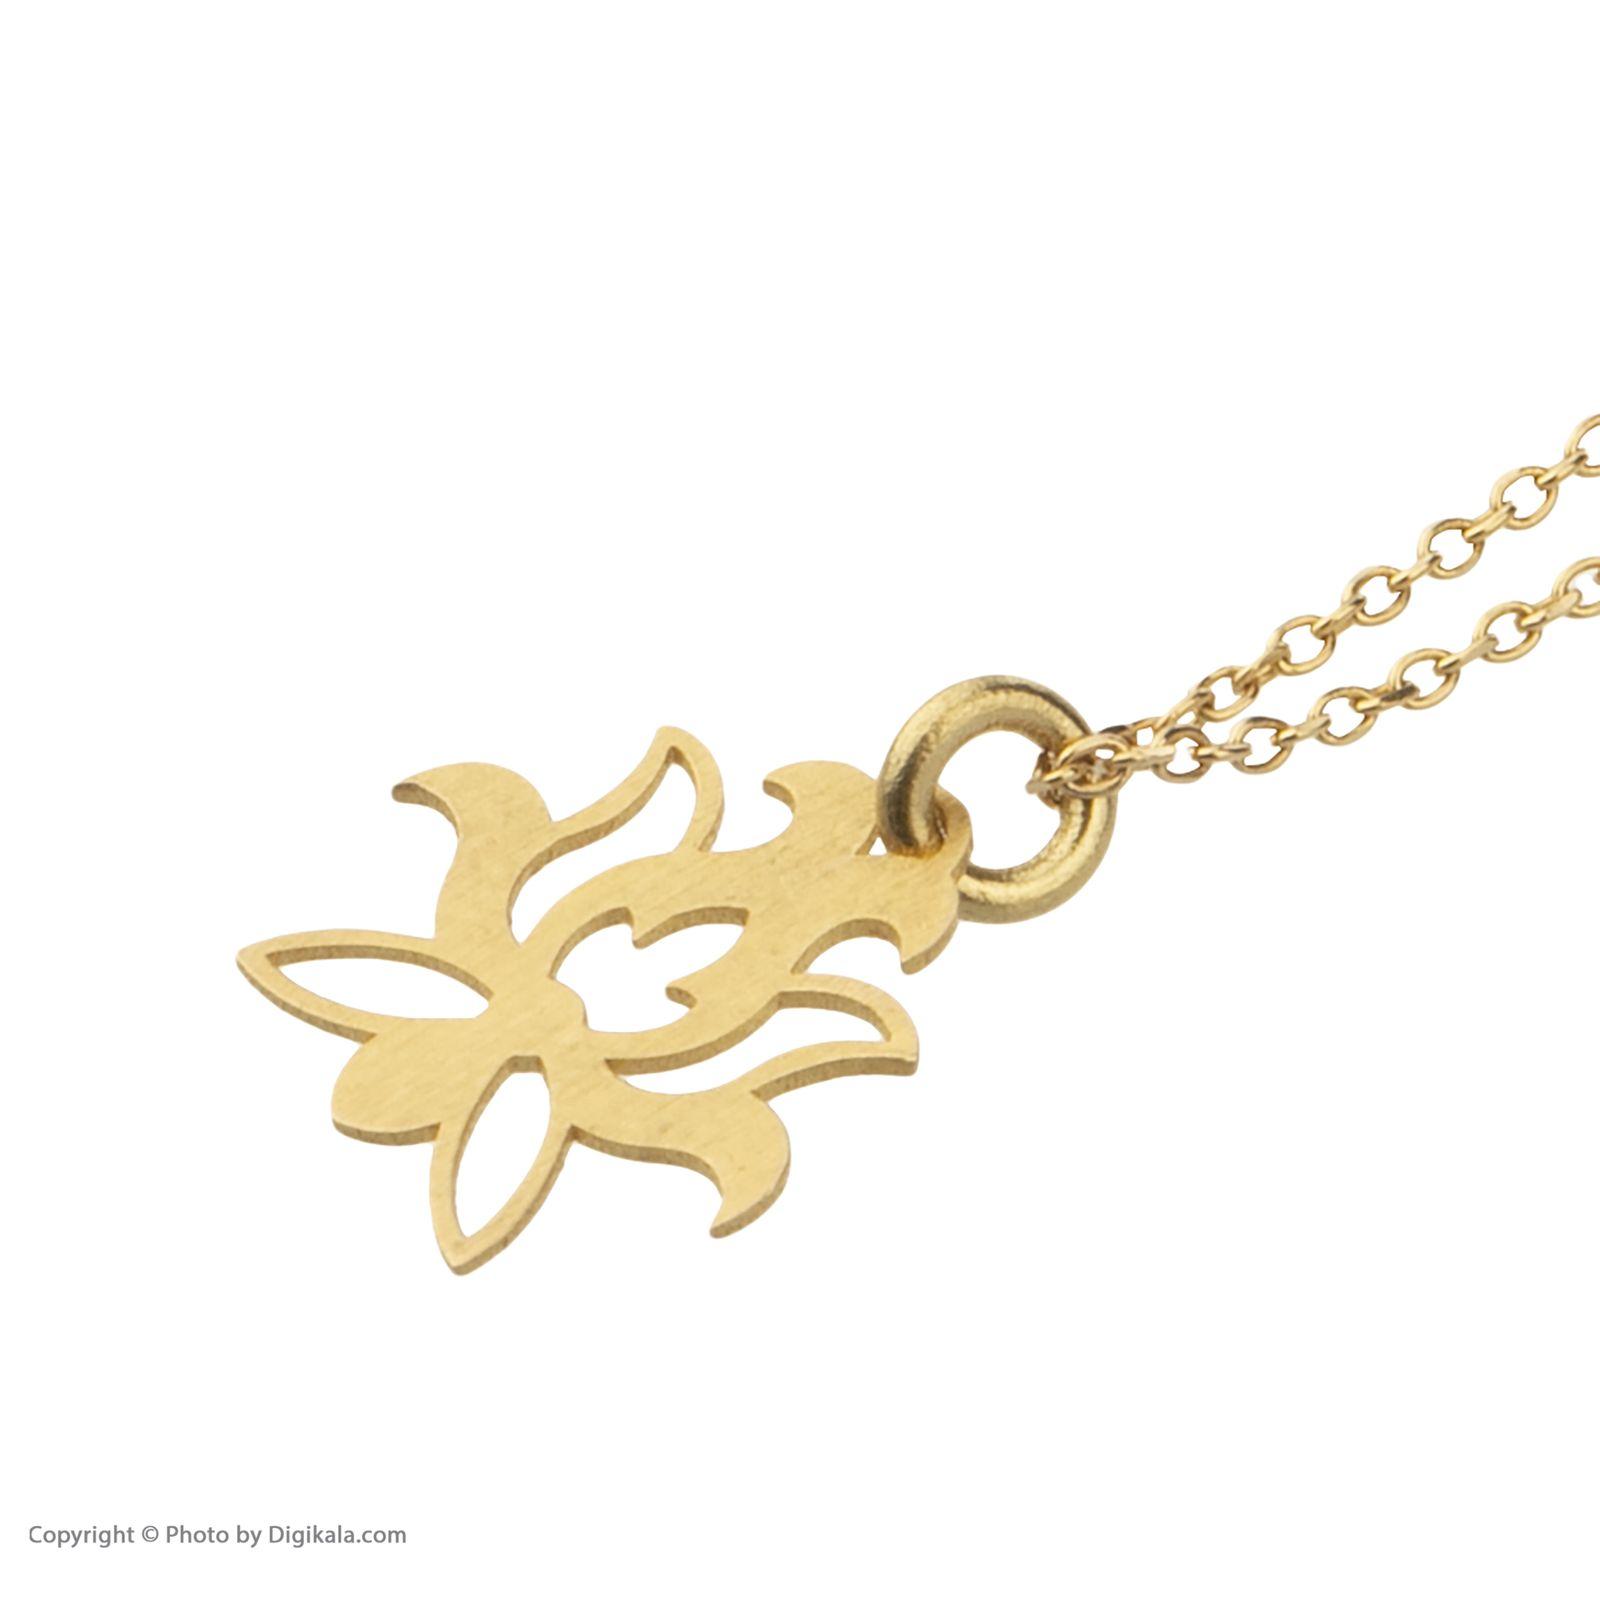 آویز ساعت طلا 18 عیار زنانه میو گلد مدل GD613 -  - 4